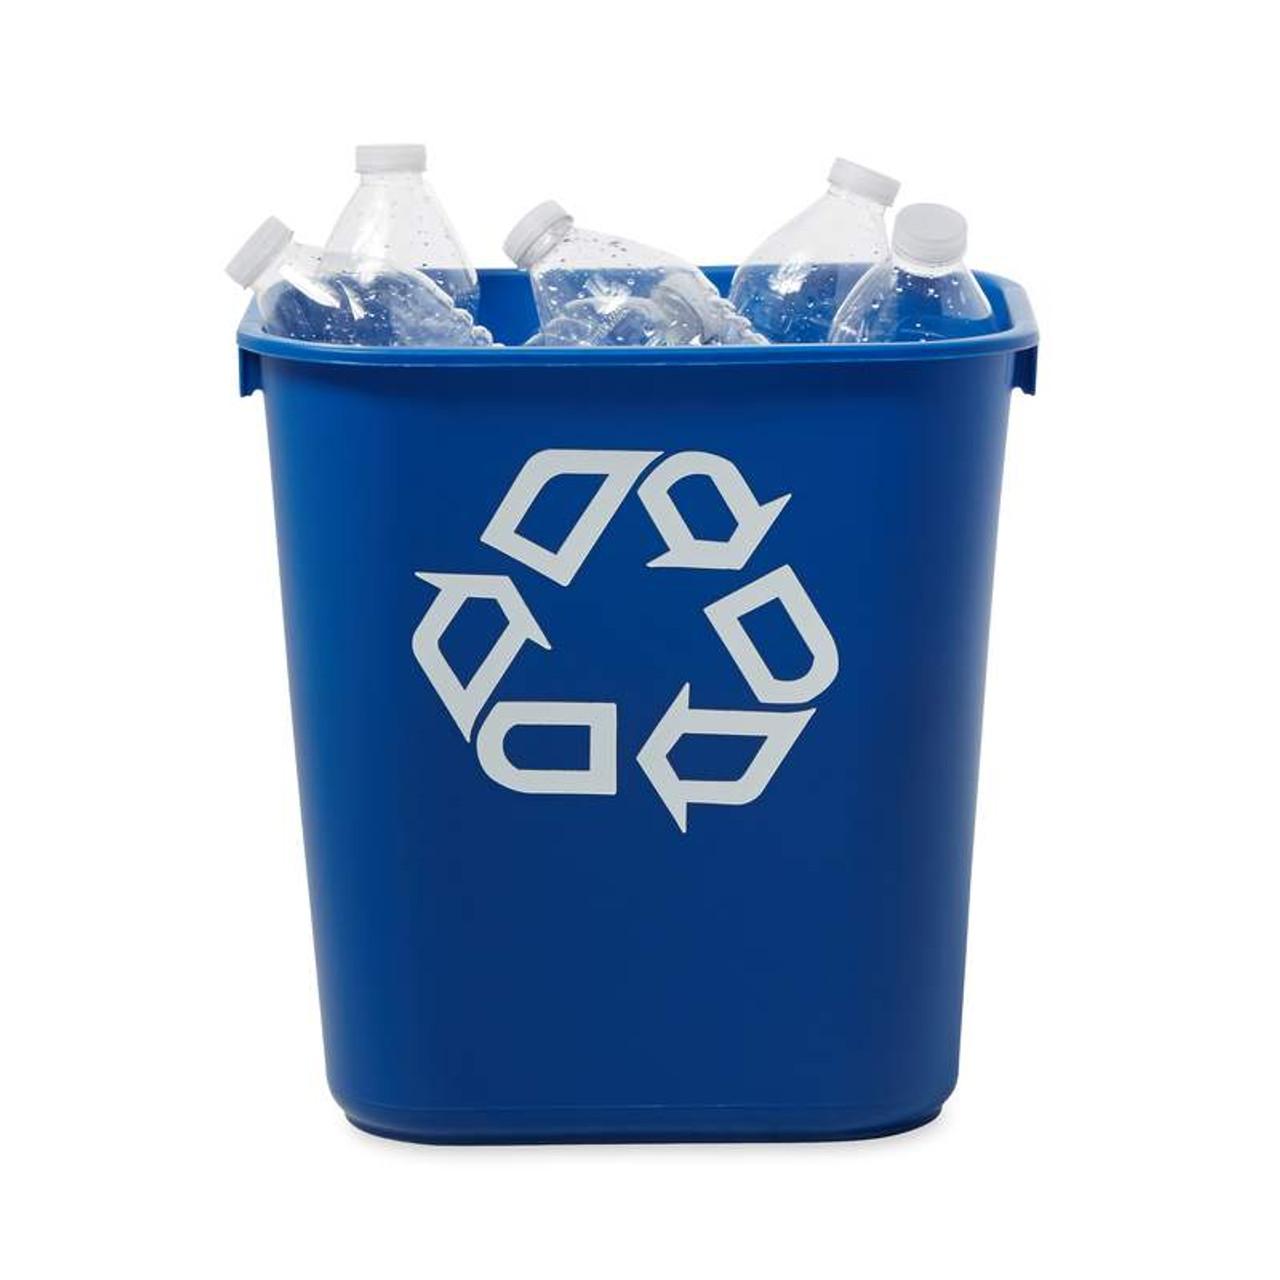 12.9 Litre Blue Rubbermaid Recycling Bin Wastebasket